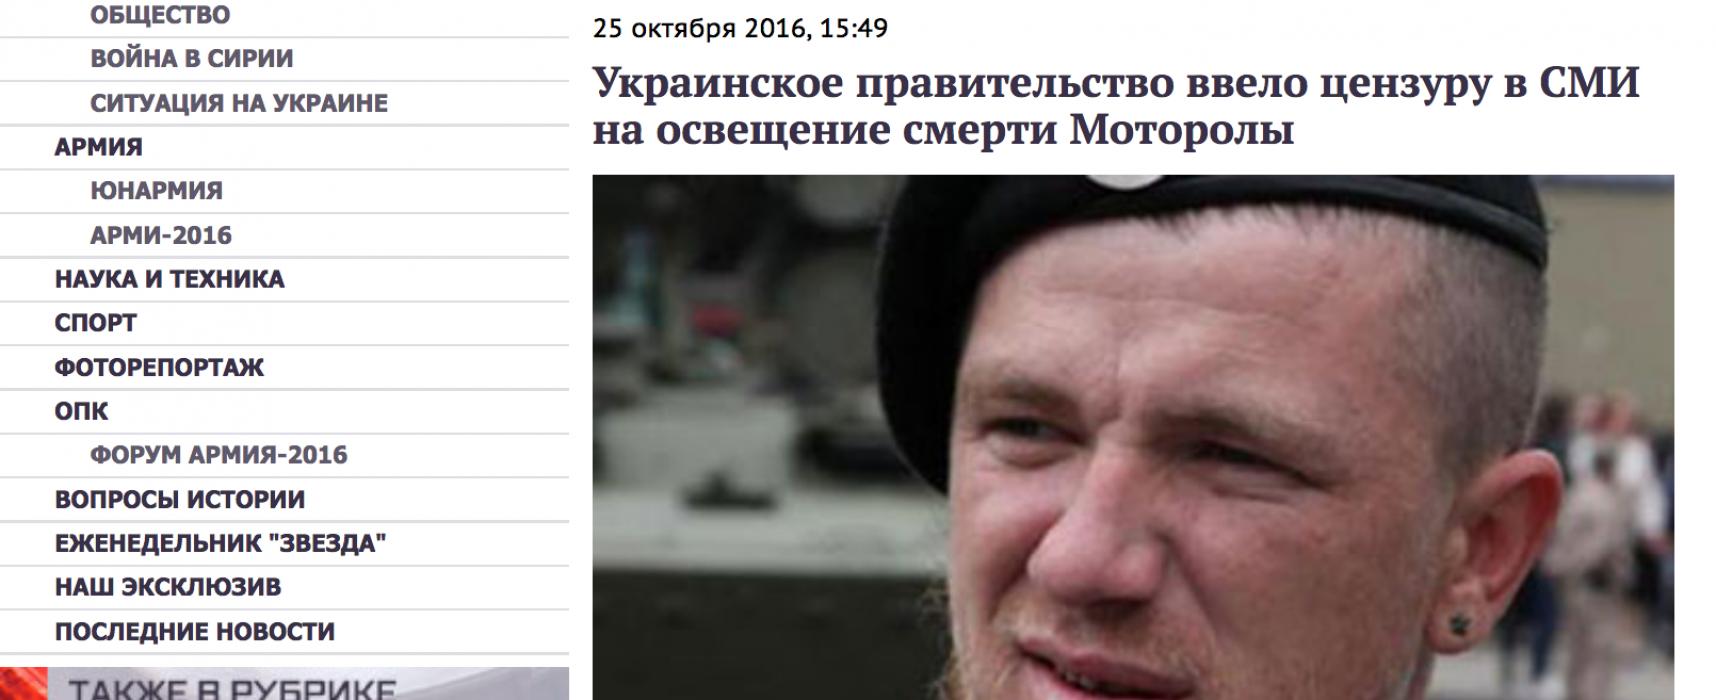 Фейк: Украинское правительство ввело цензуру в СМИ на освещение смерти Моторолы